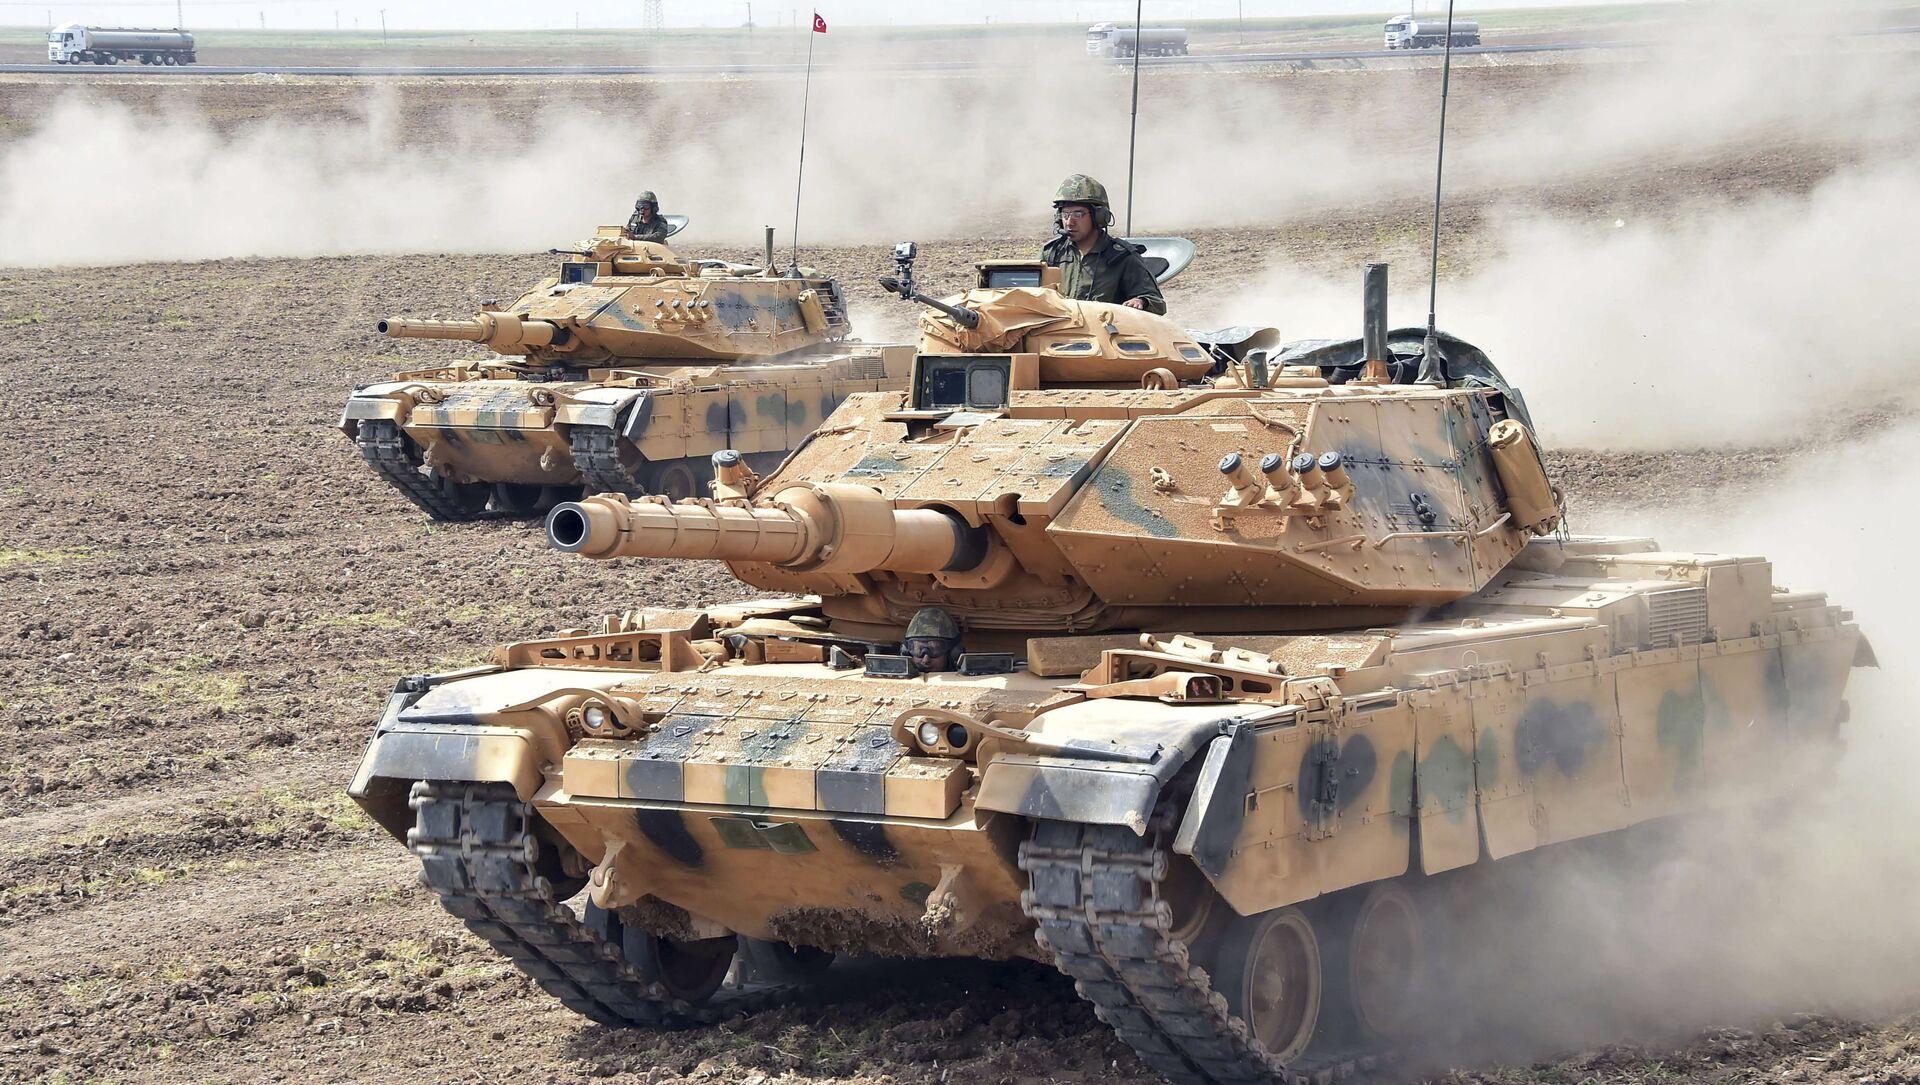 Turecké tanky na cvičeních Turecka a Iráku na irácko-turecké hranici. Ilustrační foto - Sputnik Česká republika, 1920, 15.04.2021